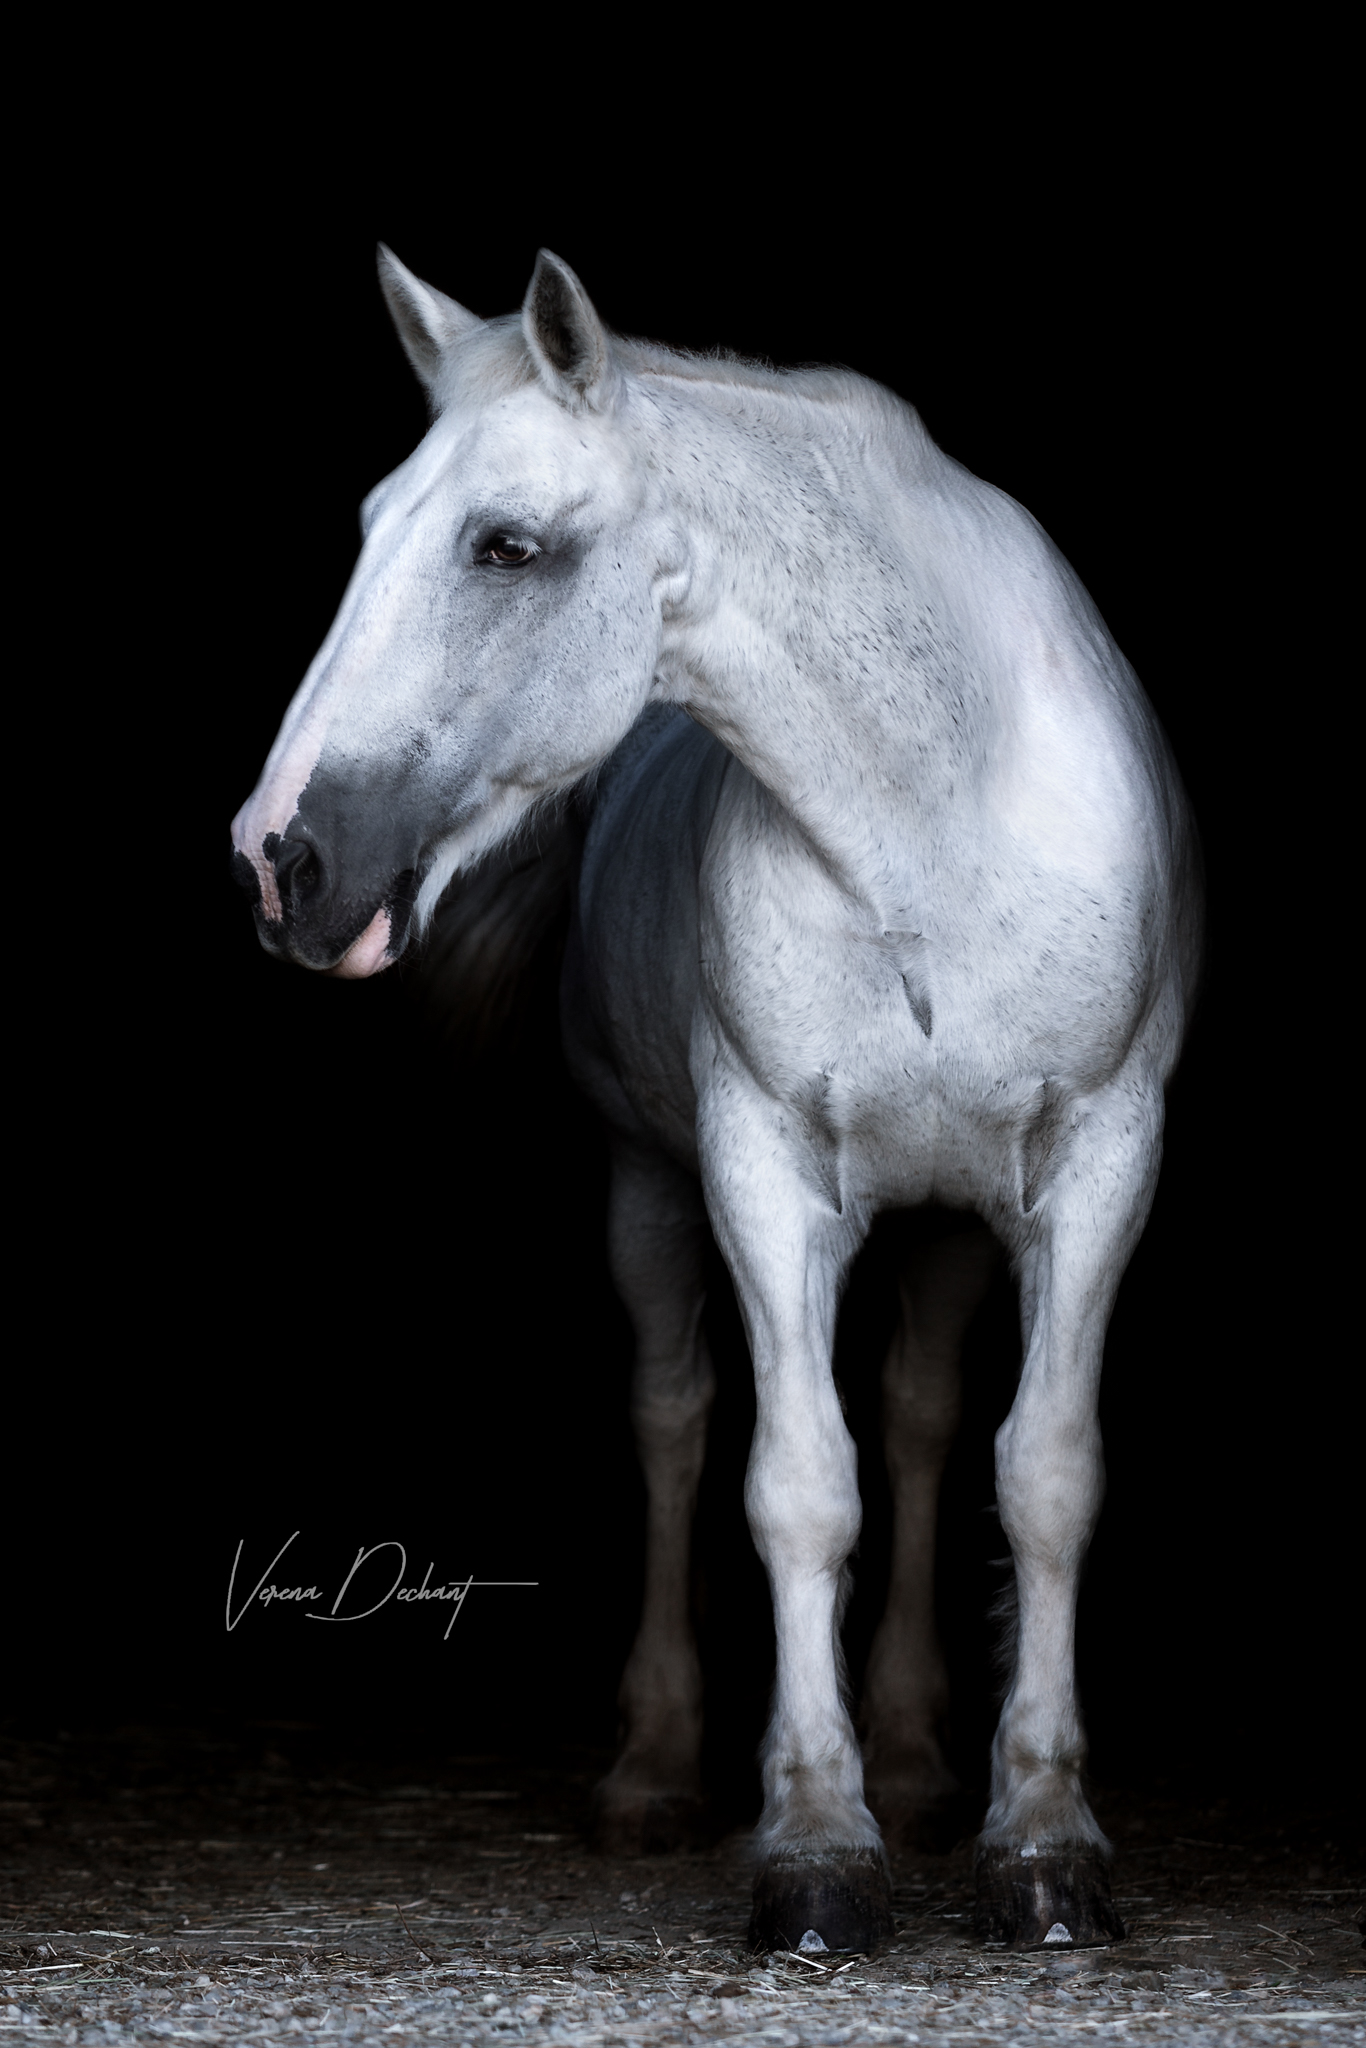 Pferdefotografie, Shooting, Verena Dechant, Landshut, Bayern, Niederbayern, Pferdeshooting, Pferd und Mensch